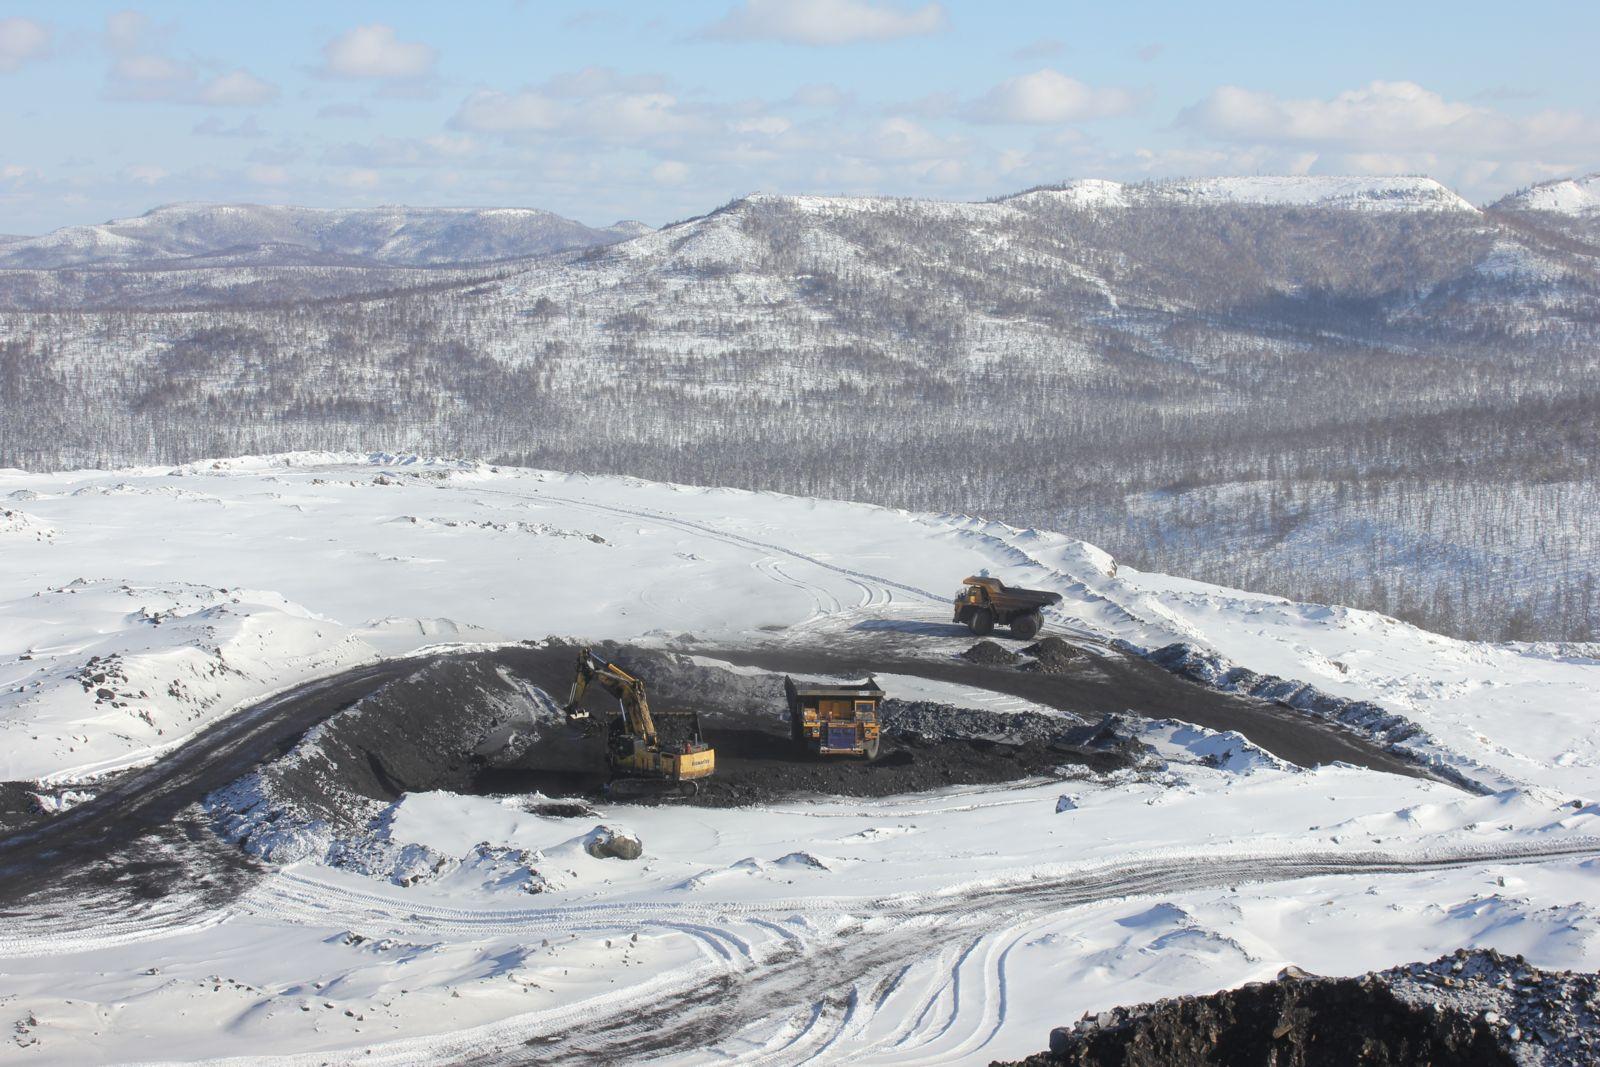 УК «ЭльгаУголь» и КБ Стрелка договорились о создании поселка при месторождении в Якутии